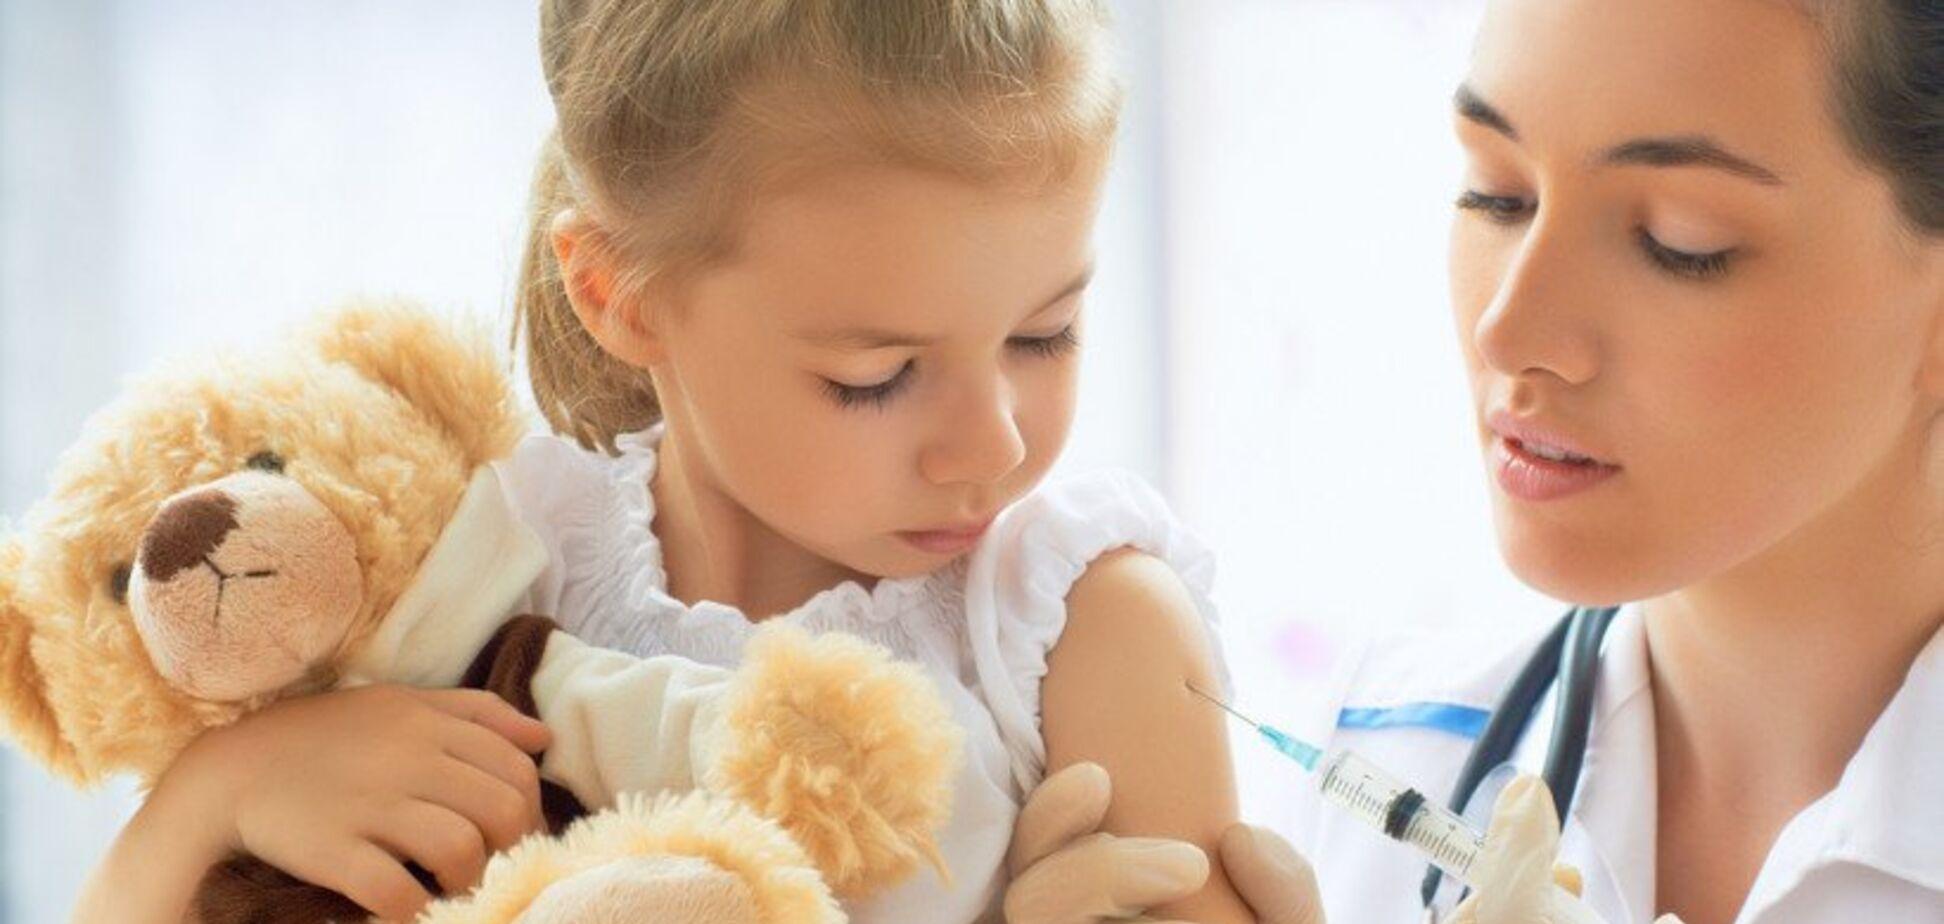 Обов'язкова вакцинація дітей: українці оцінили нововведення